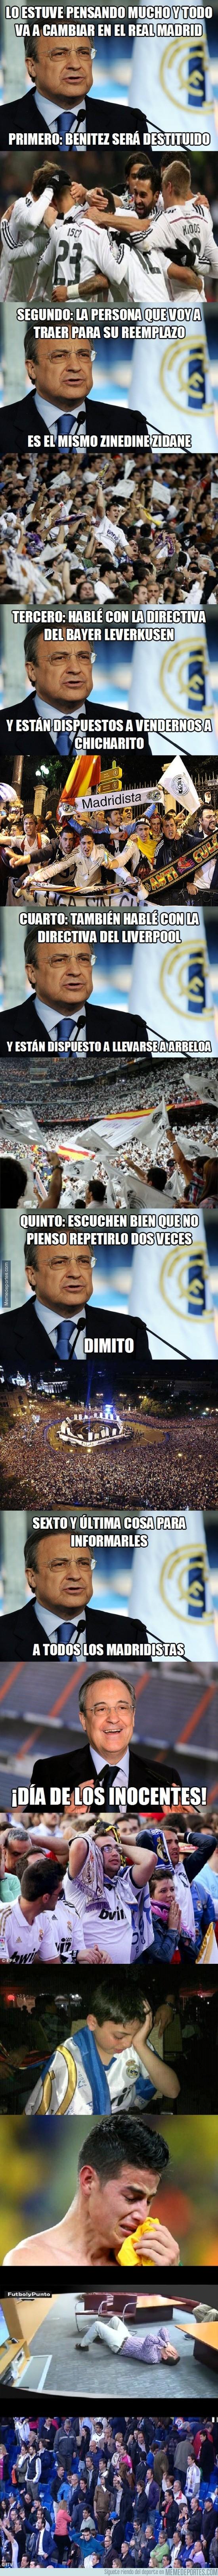 768601 - Florentino Perez anuncia cambios importantes en el Real Madrid